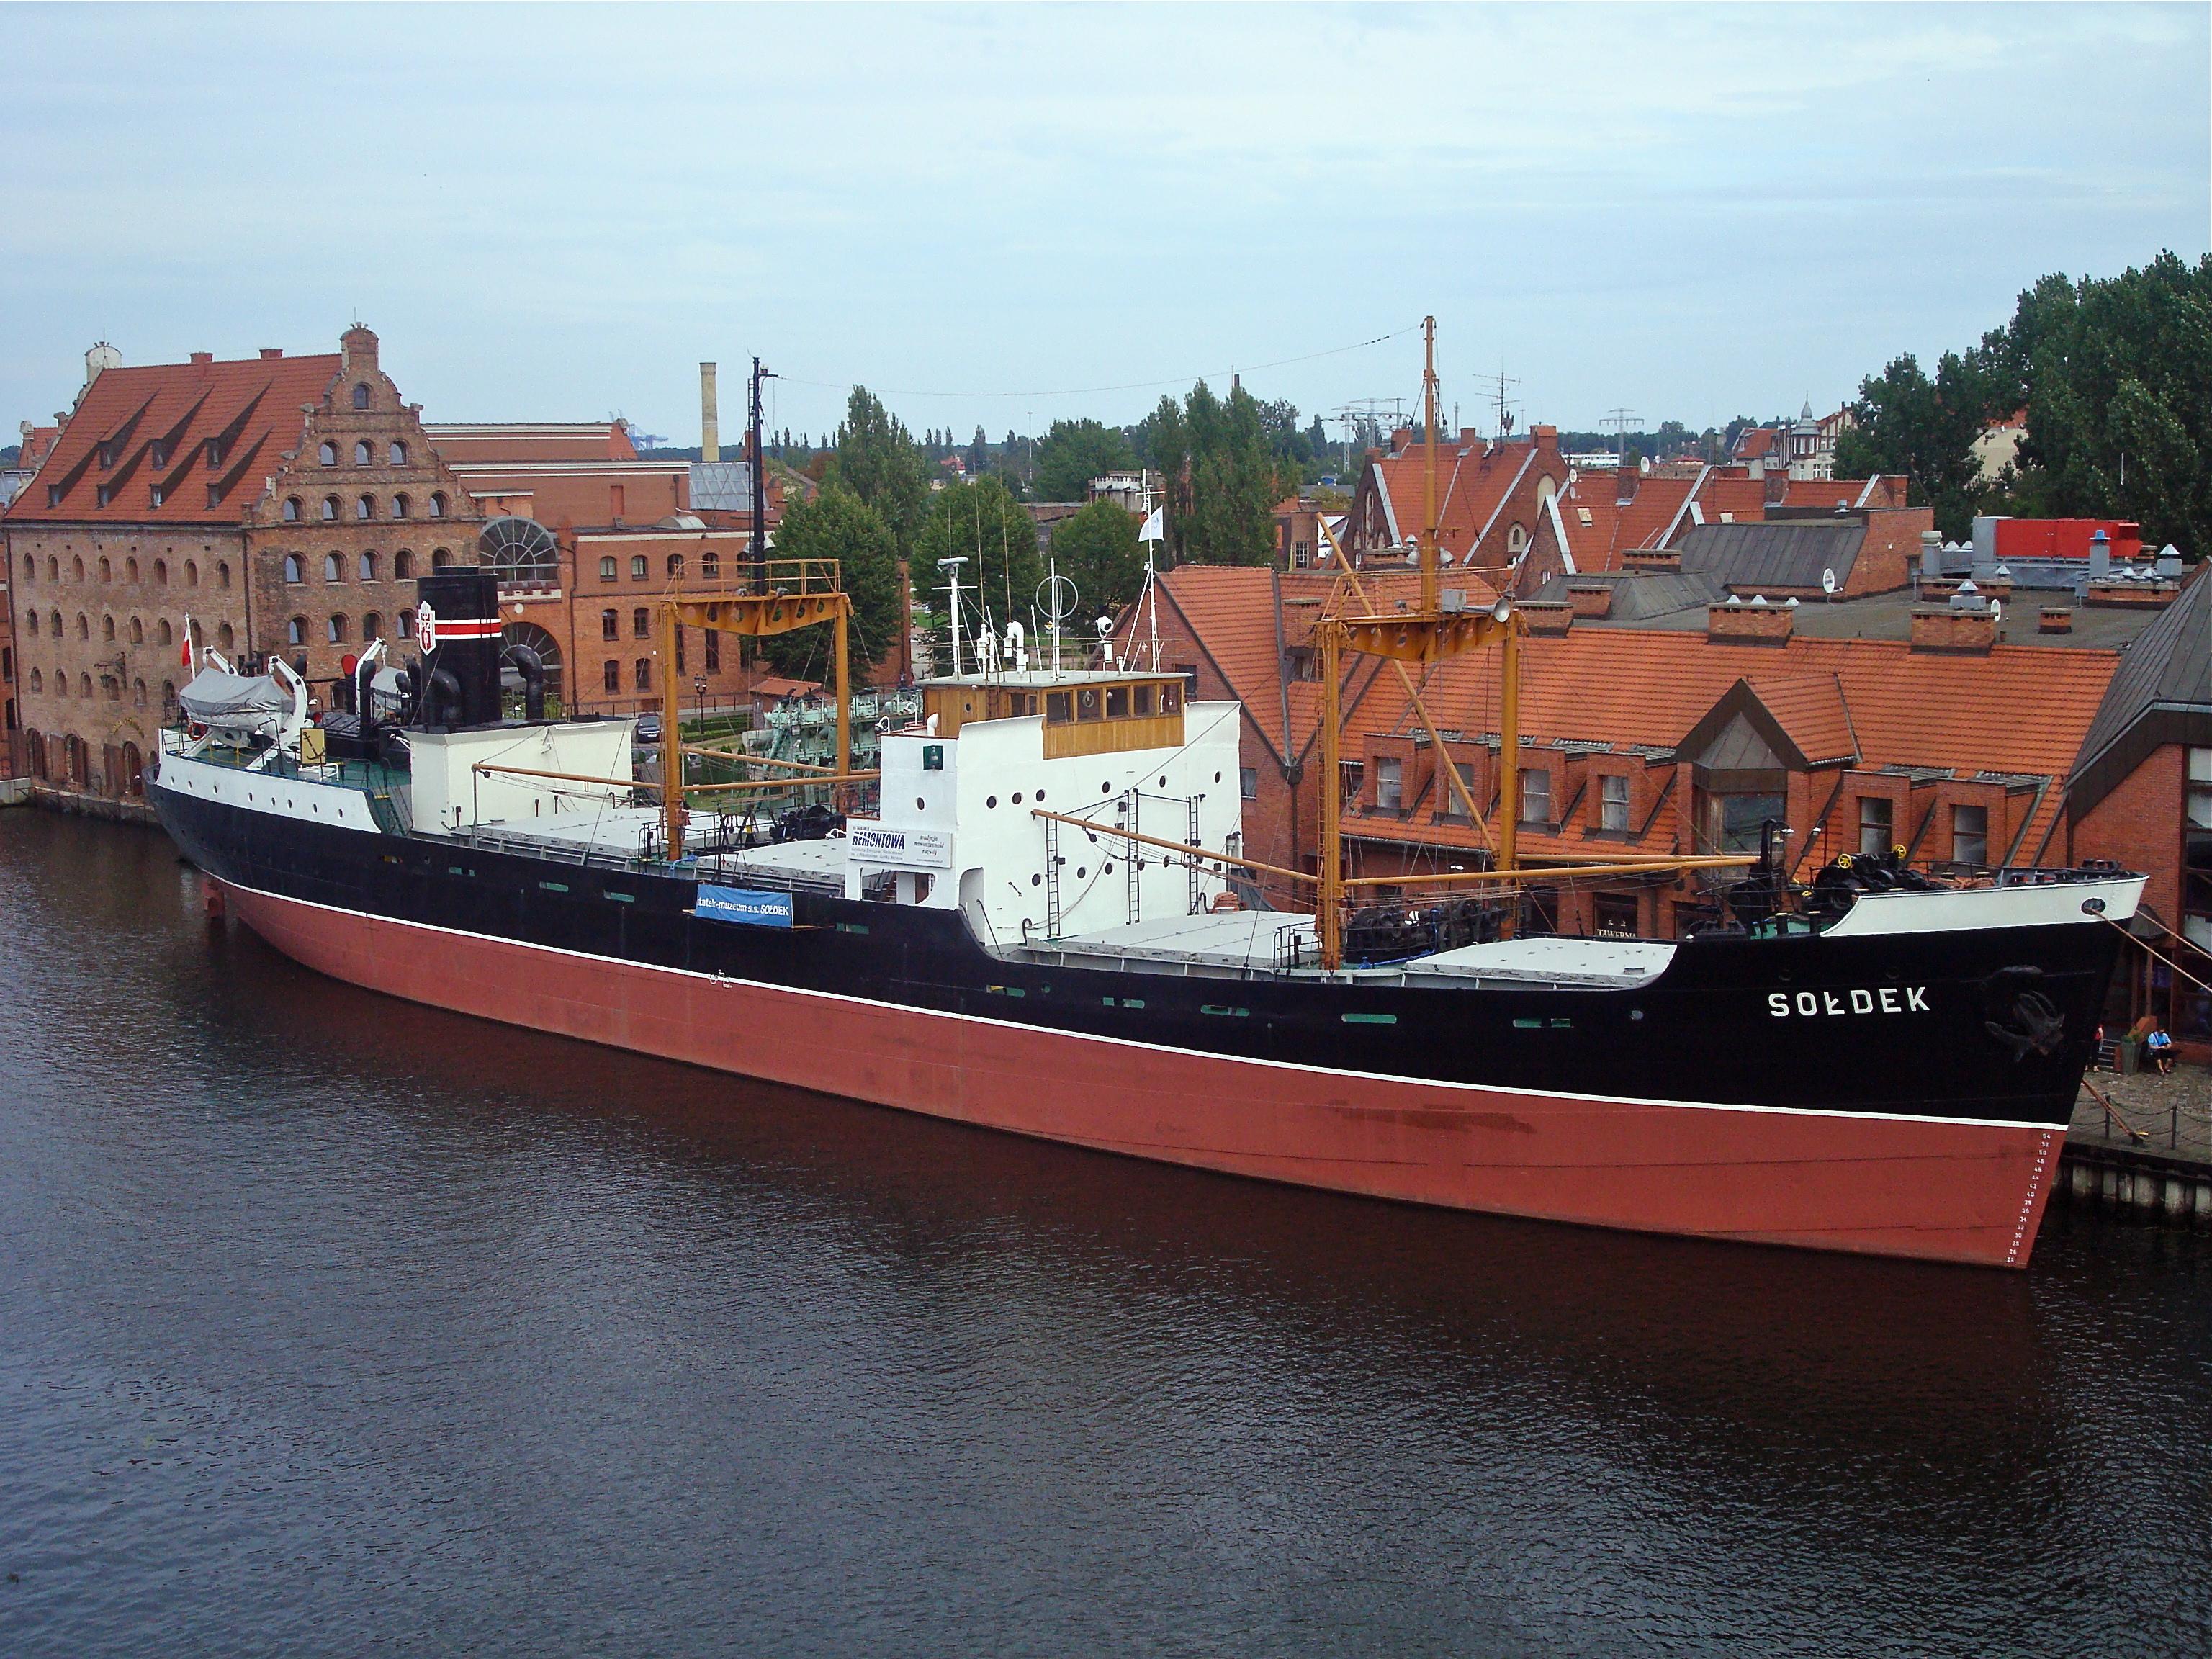 File:SS Sołdek, widok z OKM.jpg - Wikimedia Commons